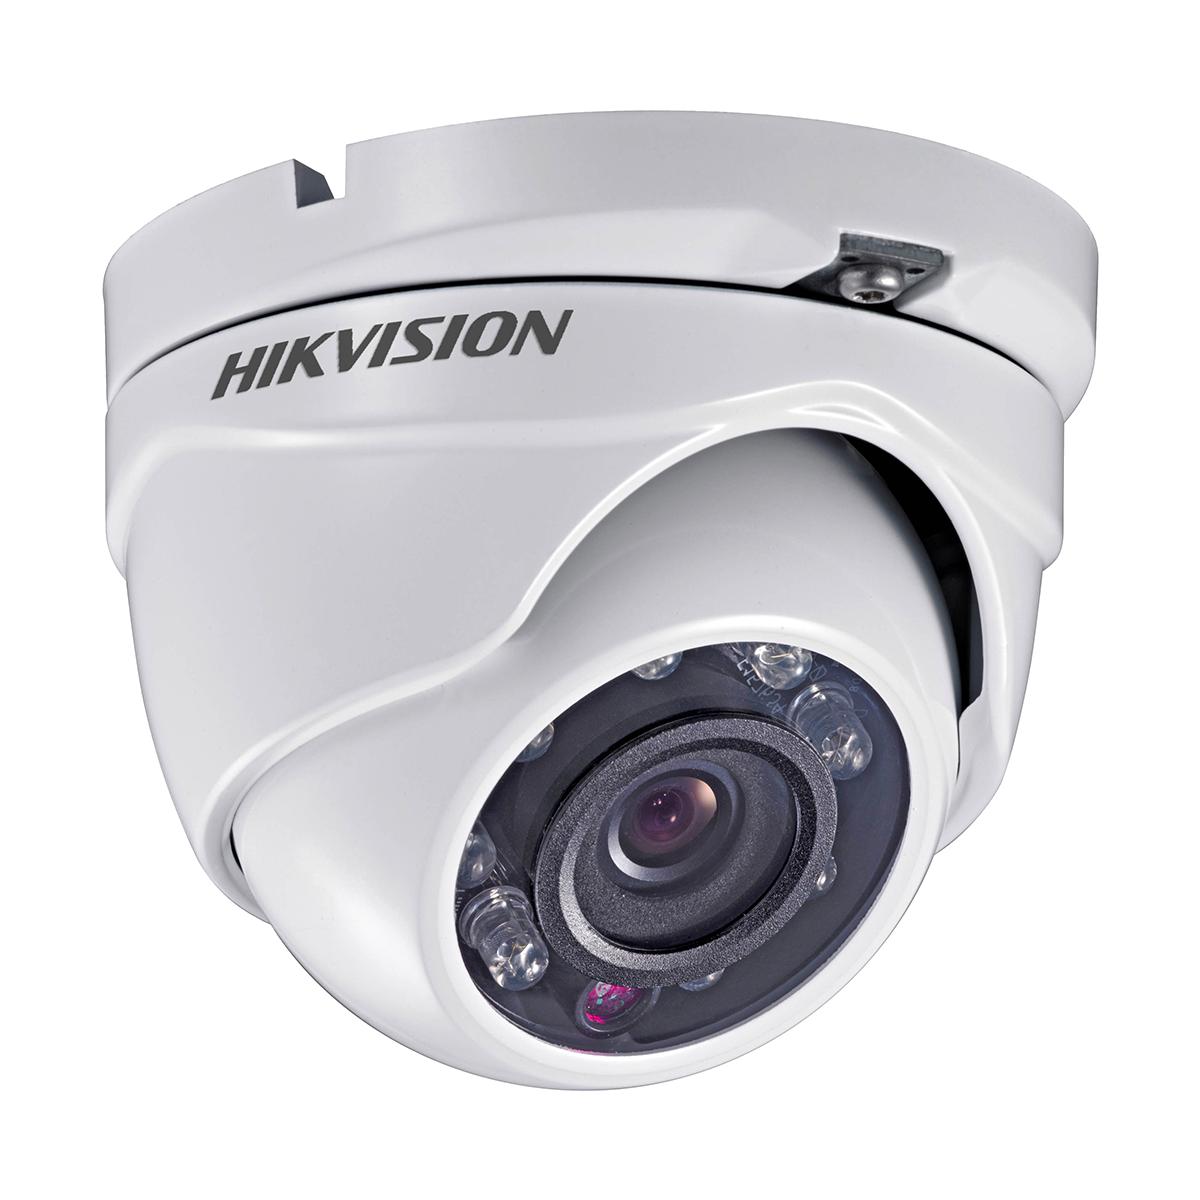 DS-2CE56C2T-IRM, hikvision